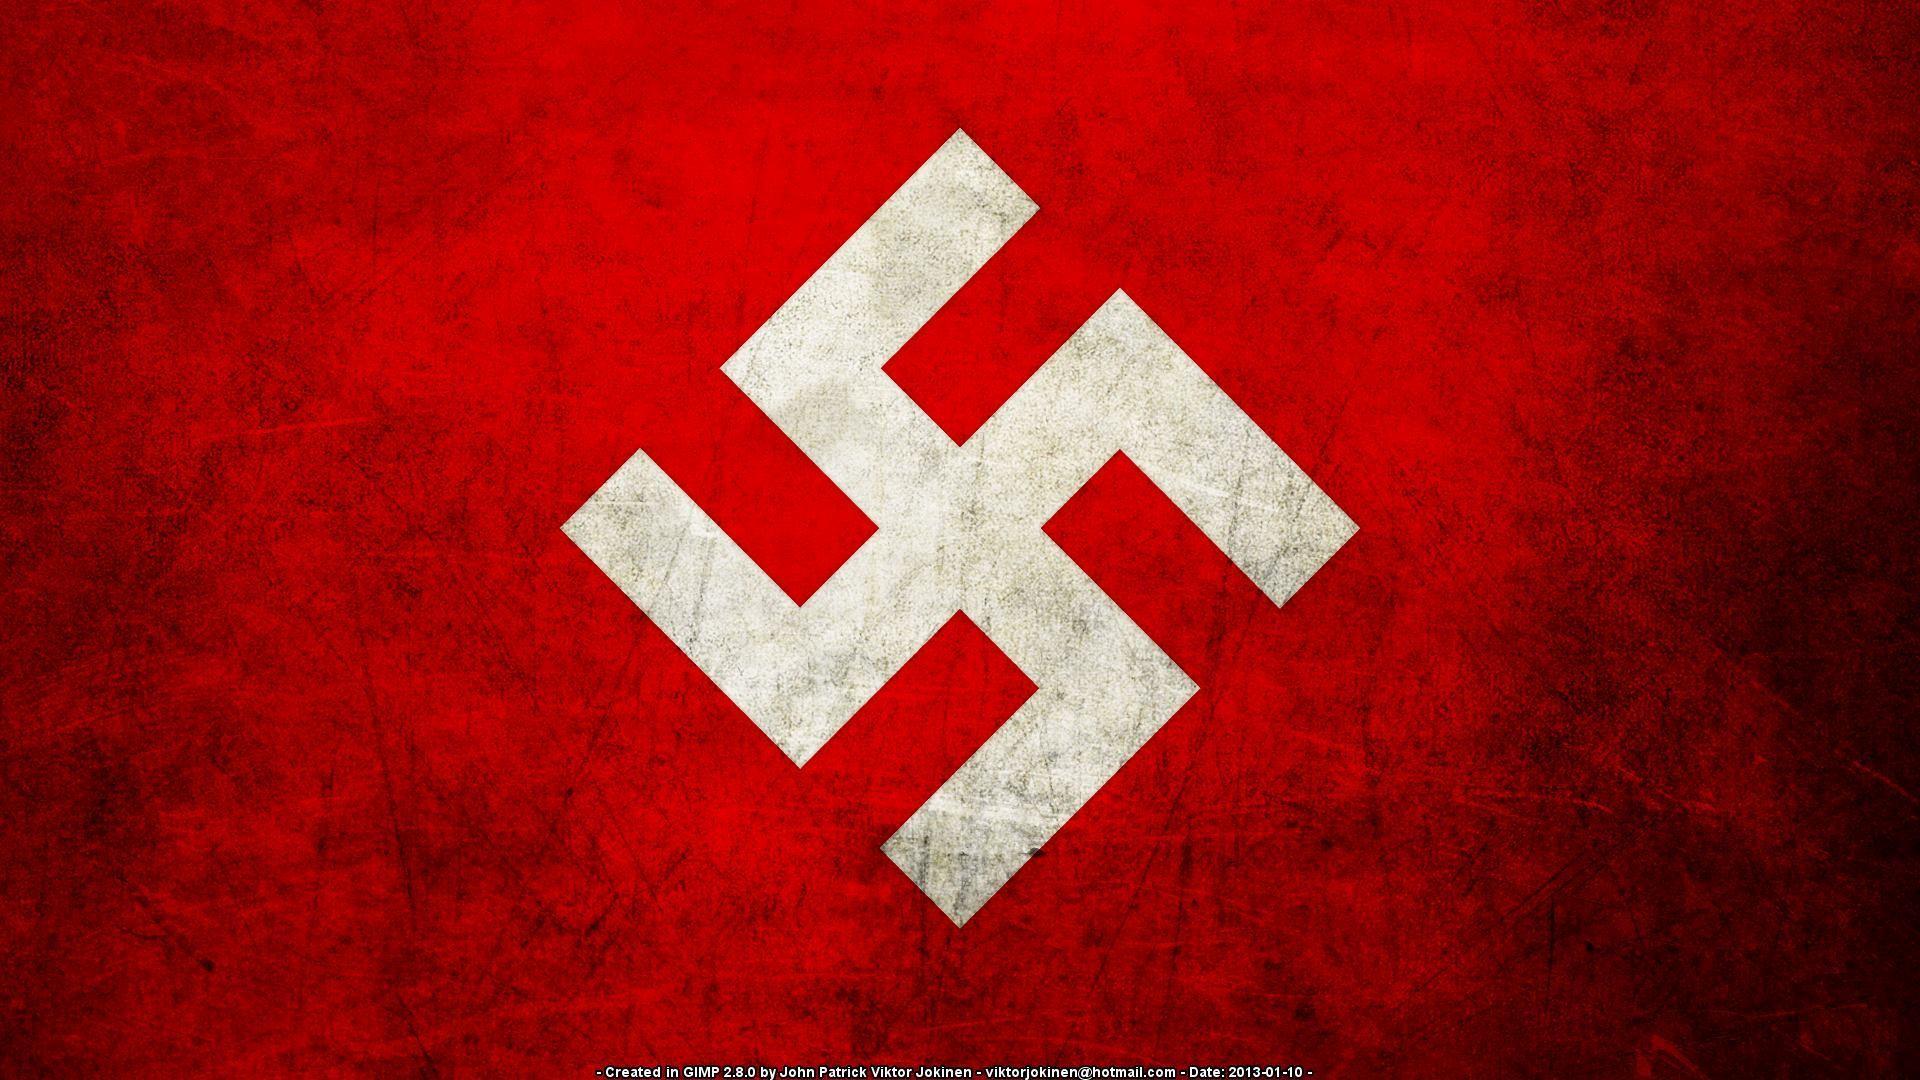 Illuminati News  The Secret Order of the Illuminati